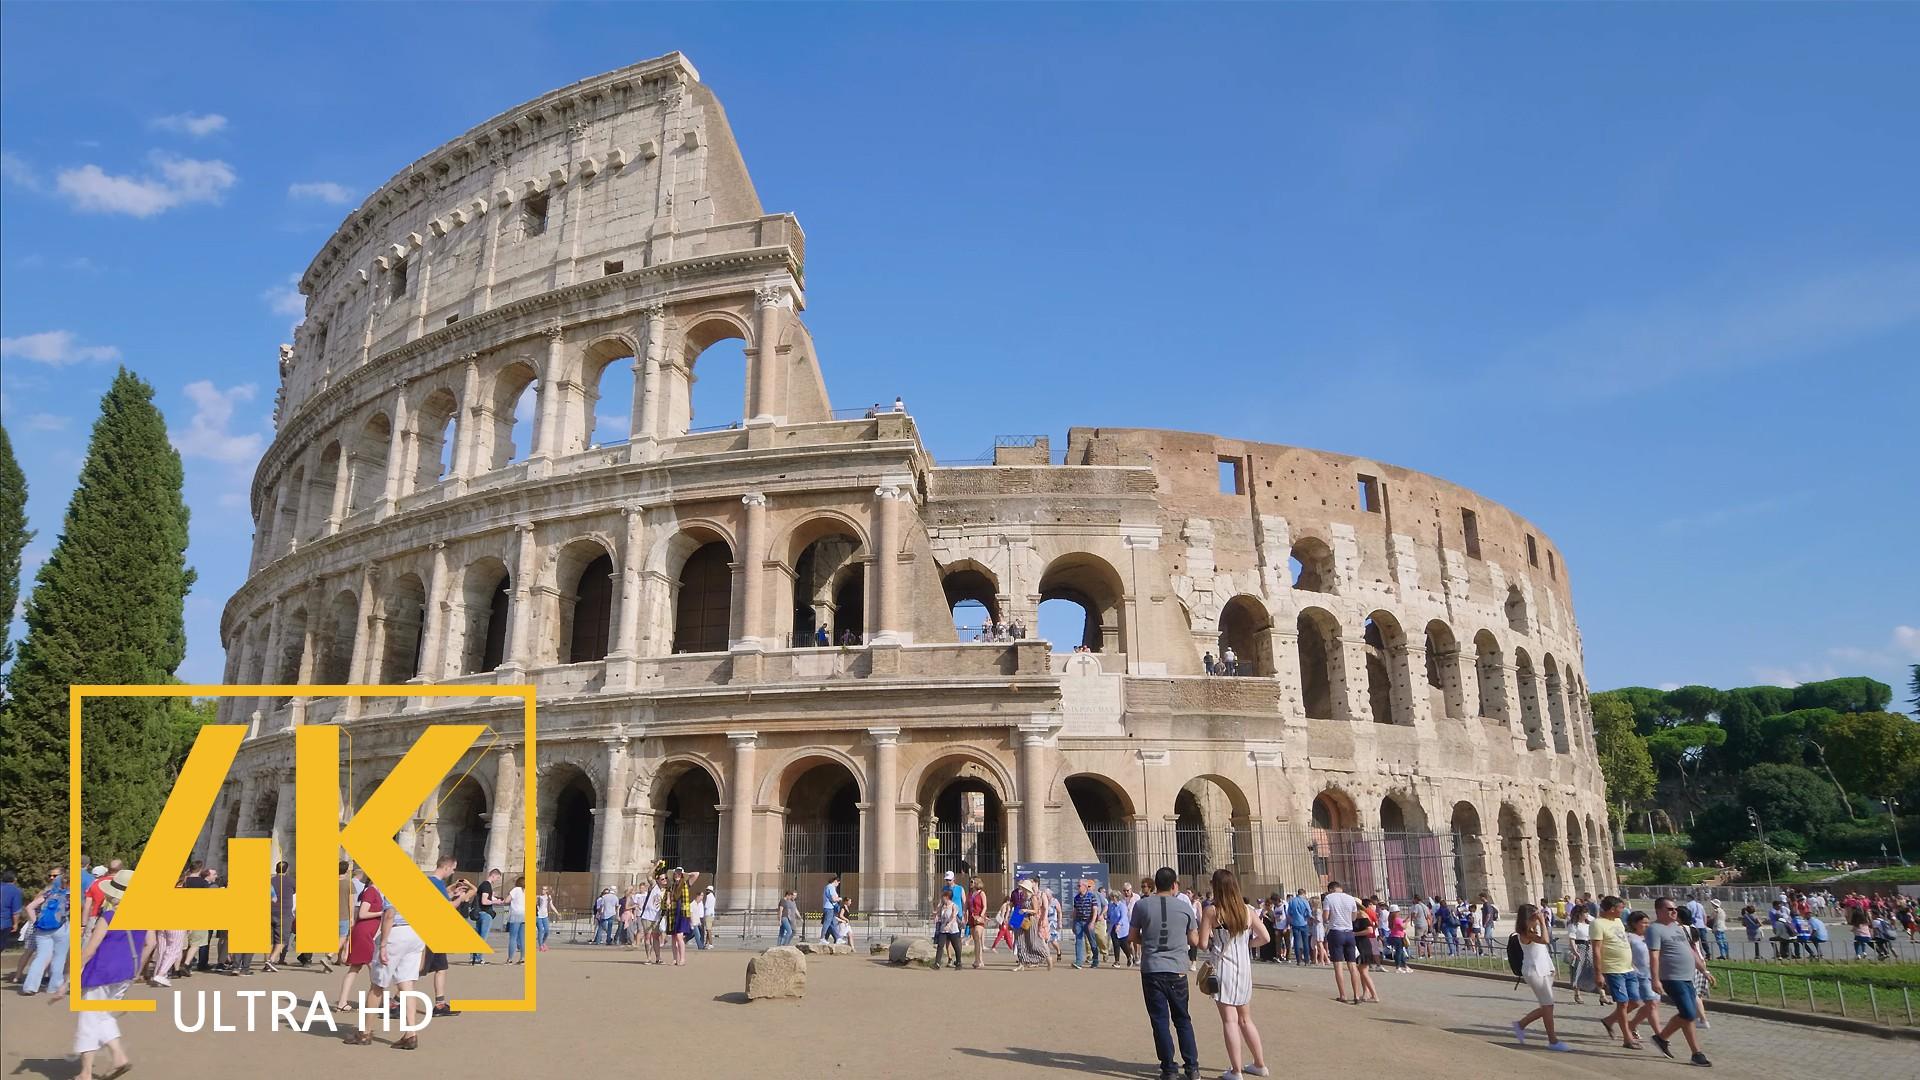 Rome, Italy – 4K Urban City Life